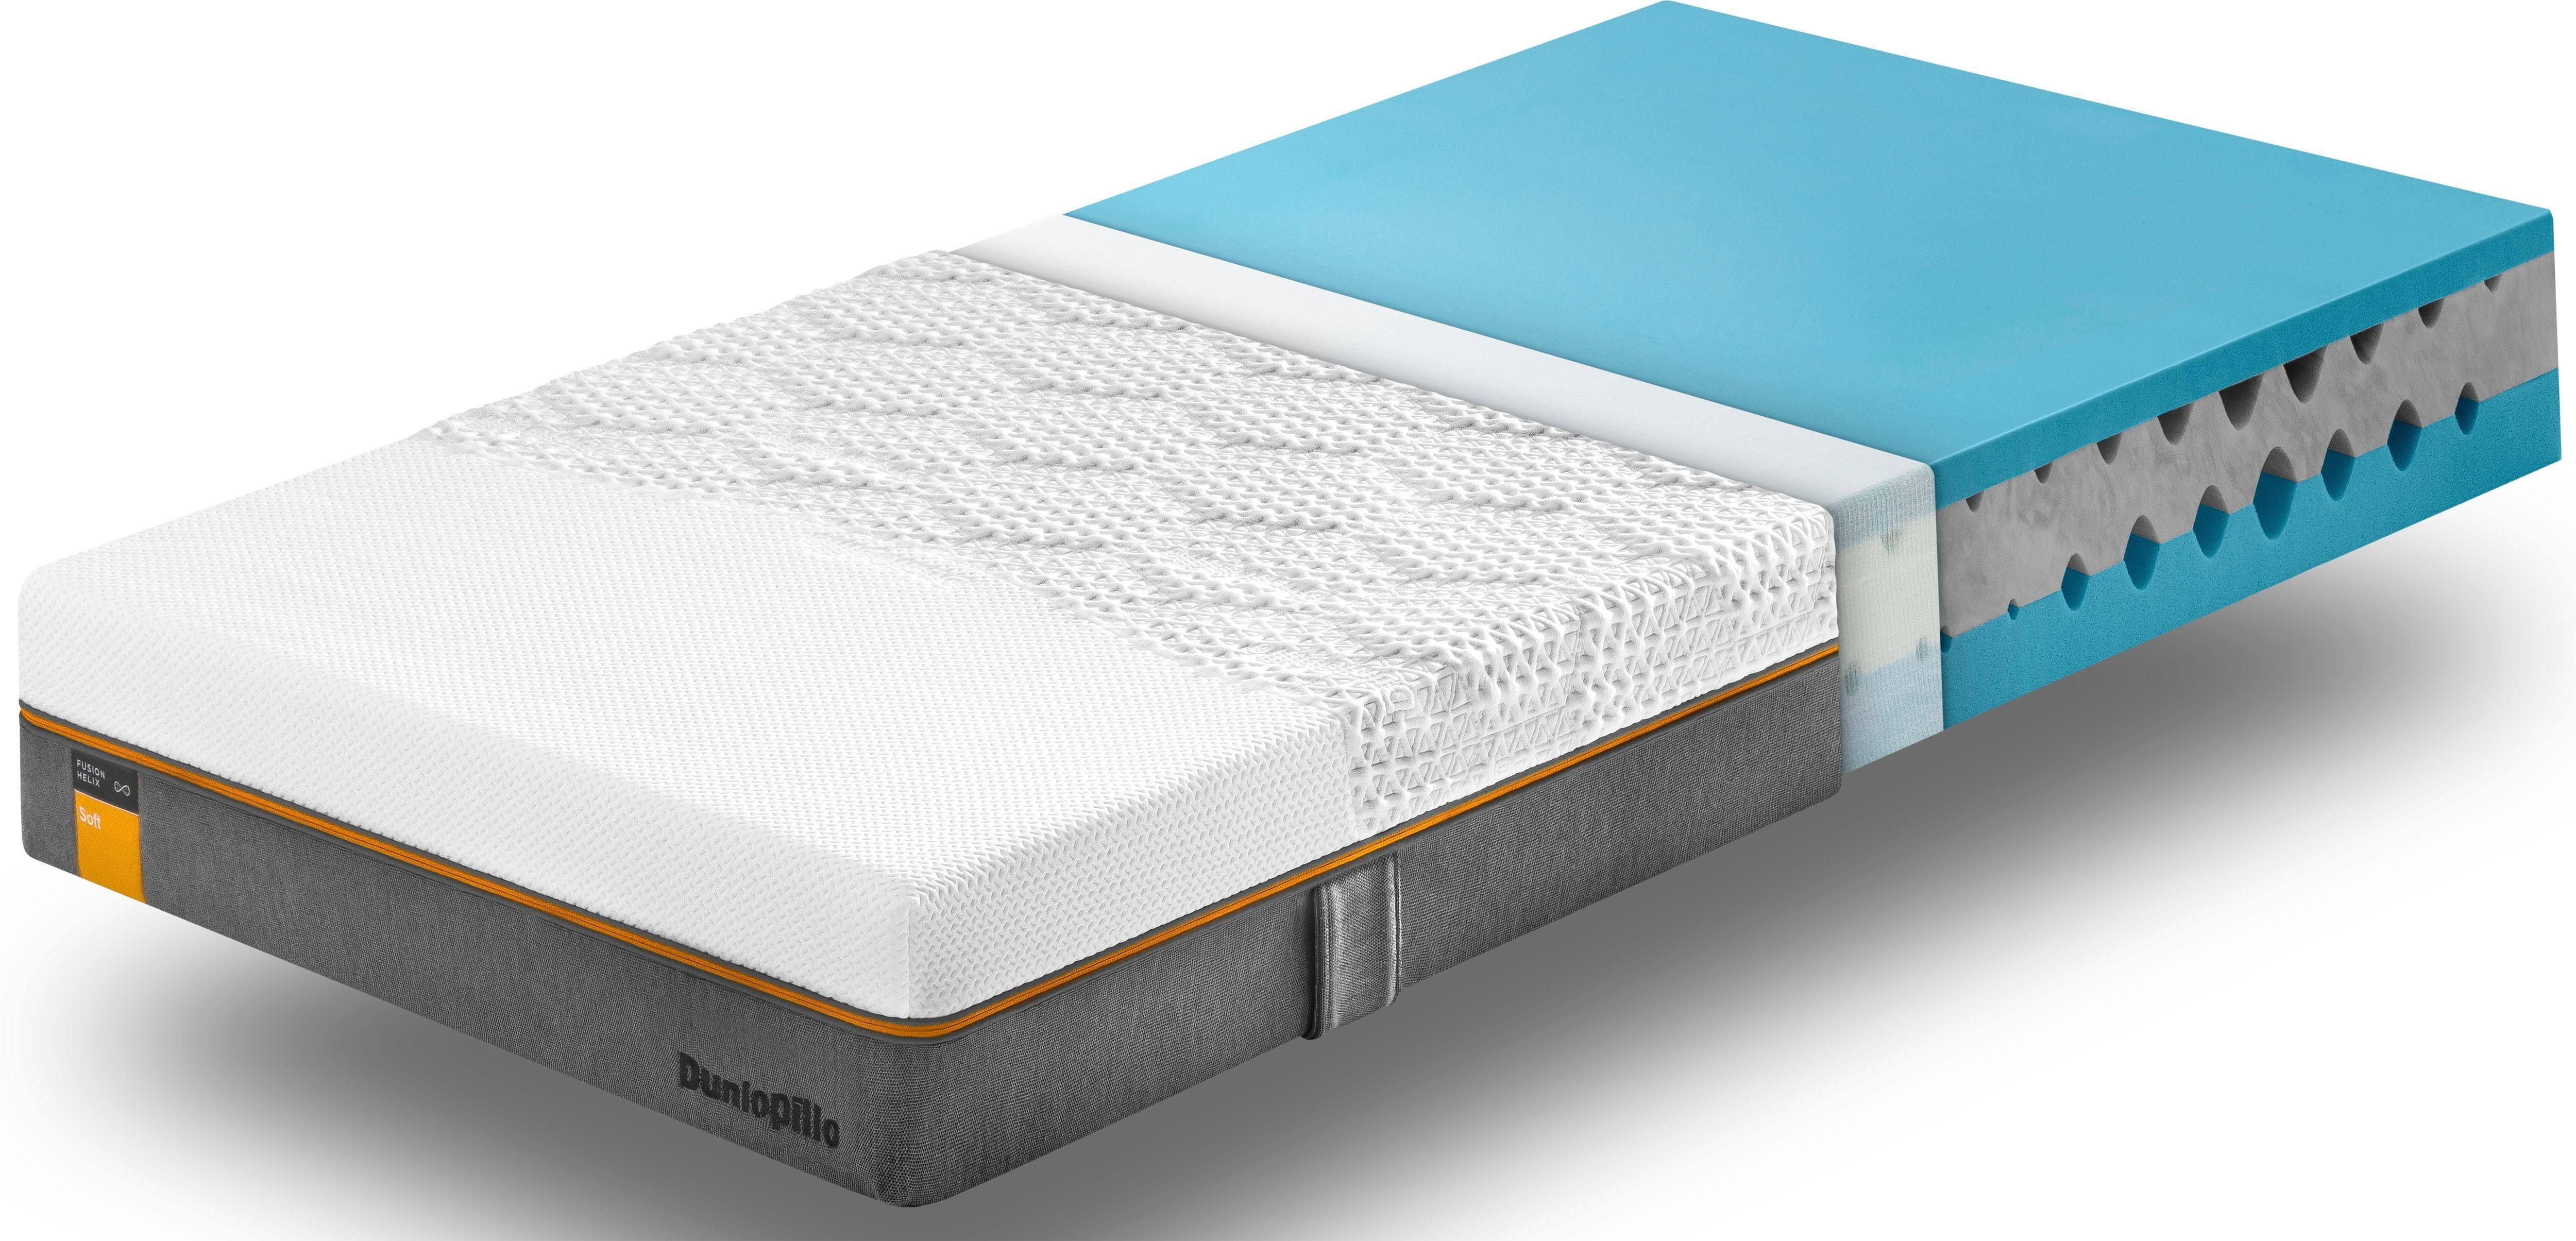 Kaltschaummatratze Fusion Helix Soft Dunlopillo better sleep 23 cm hoch